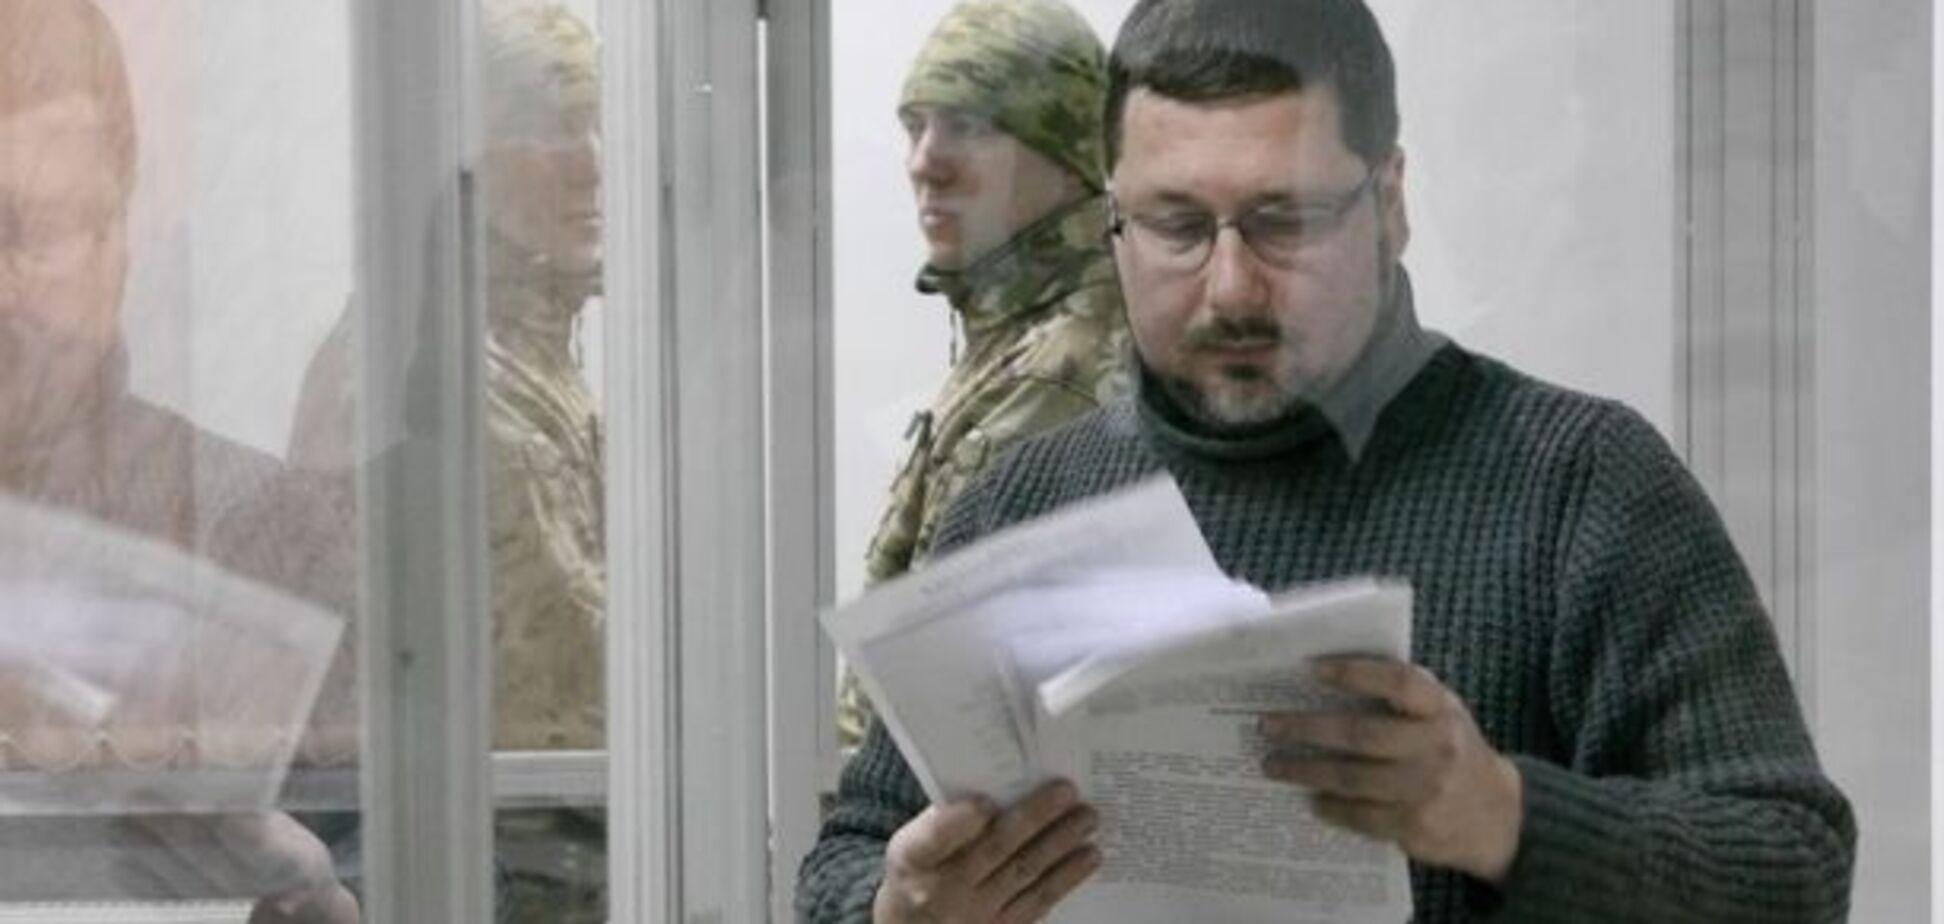 Доступ к гостайне: в Кабмине пояснили, что знал переводчик-шпион